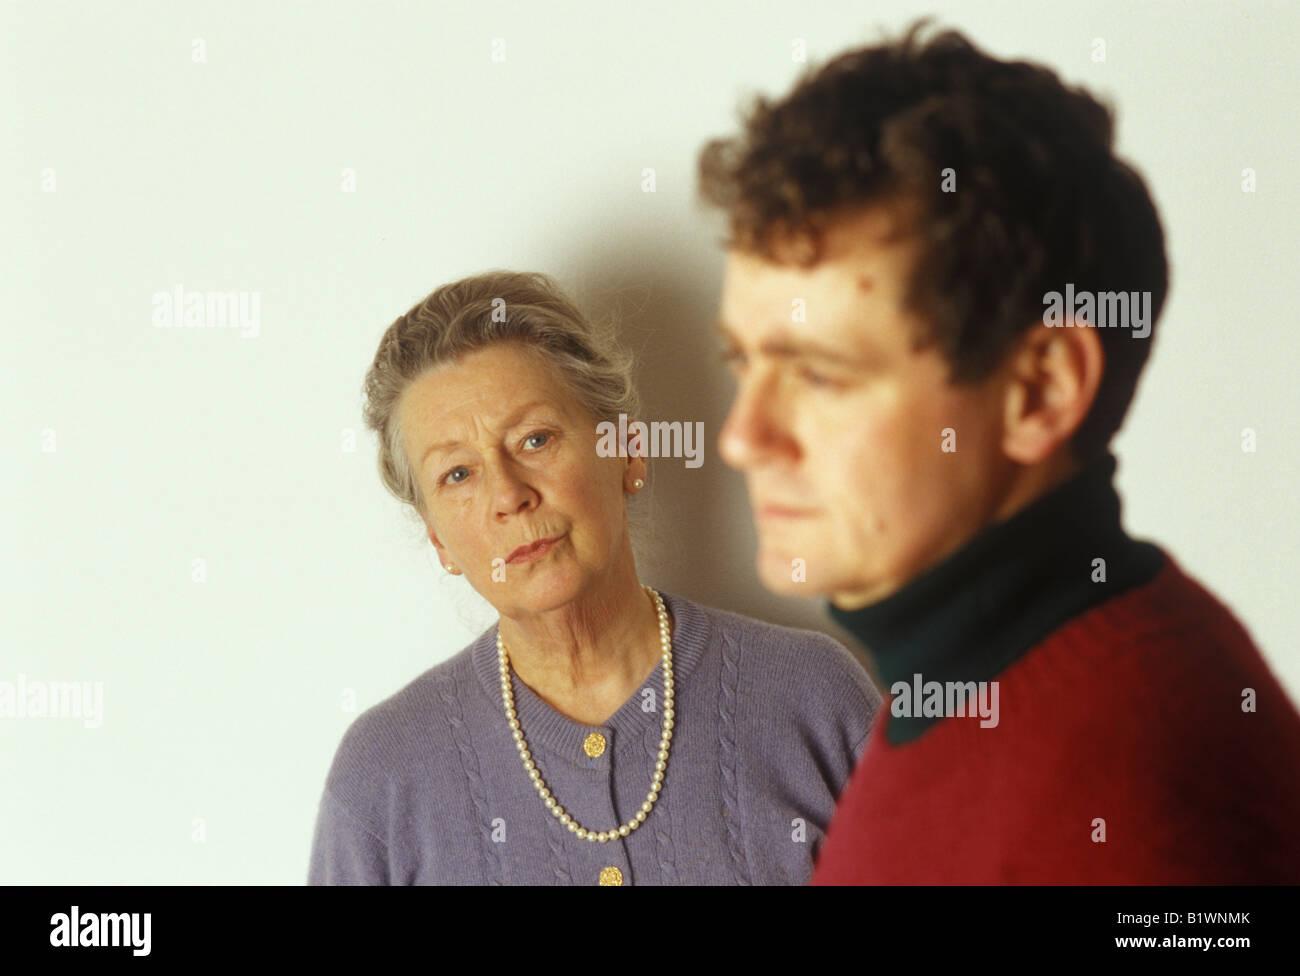 Frau sucht jüngeren partner [PUNIQRANDLINE-(au-dating-names.txt) 42